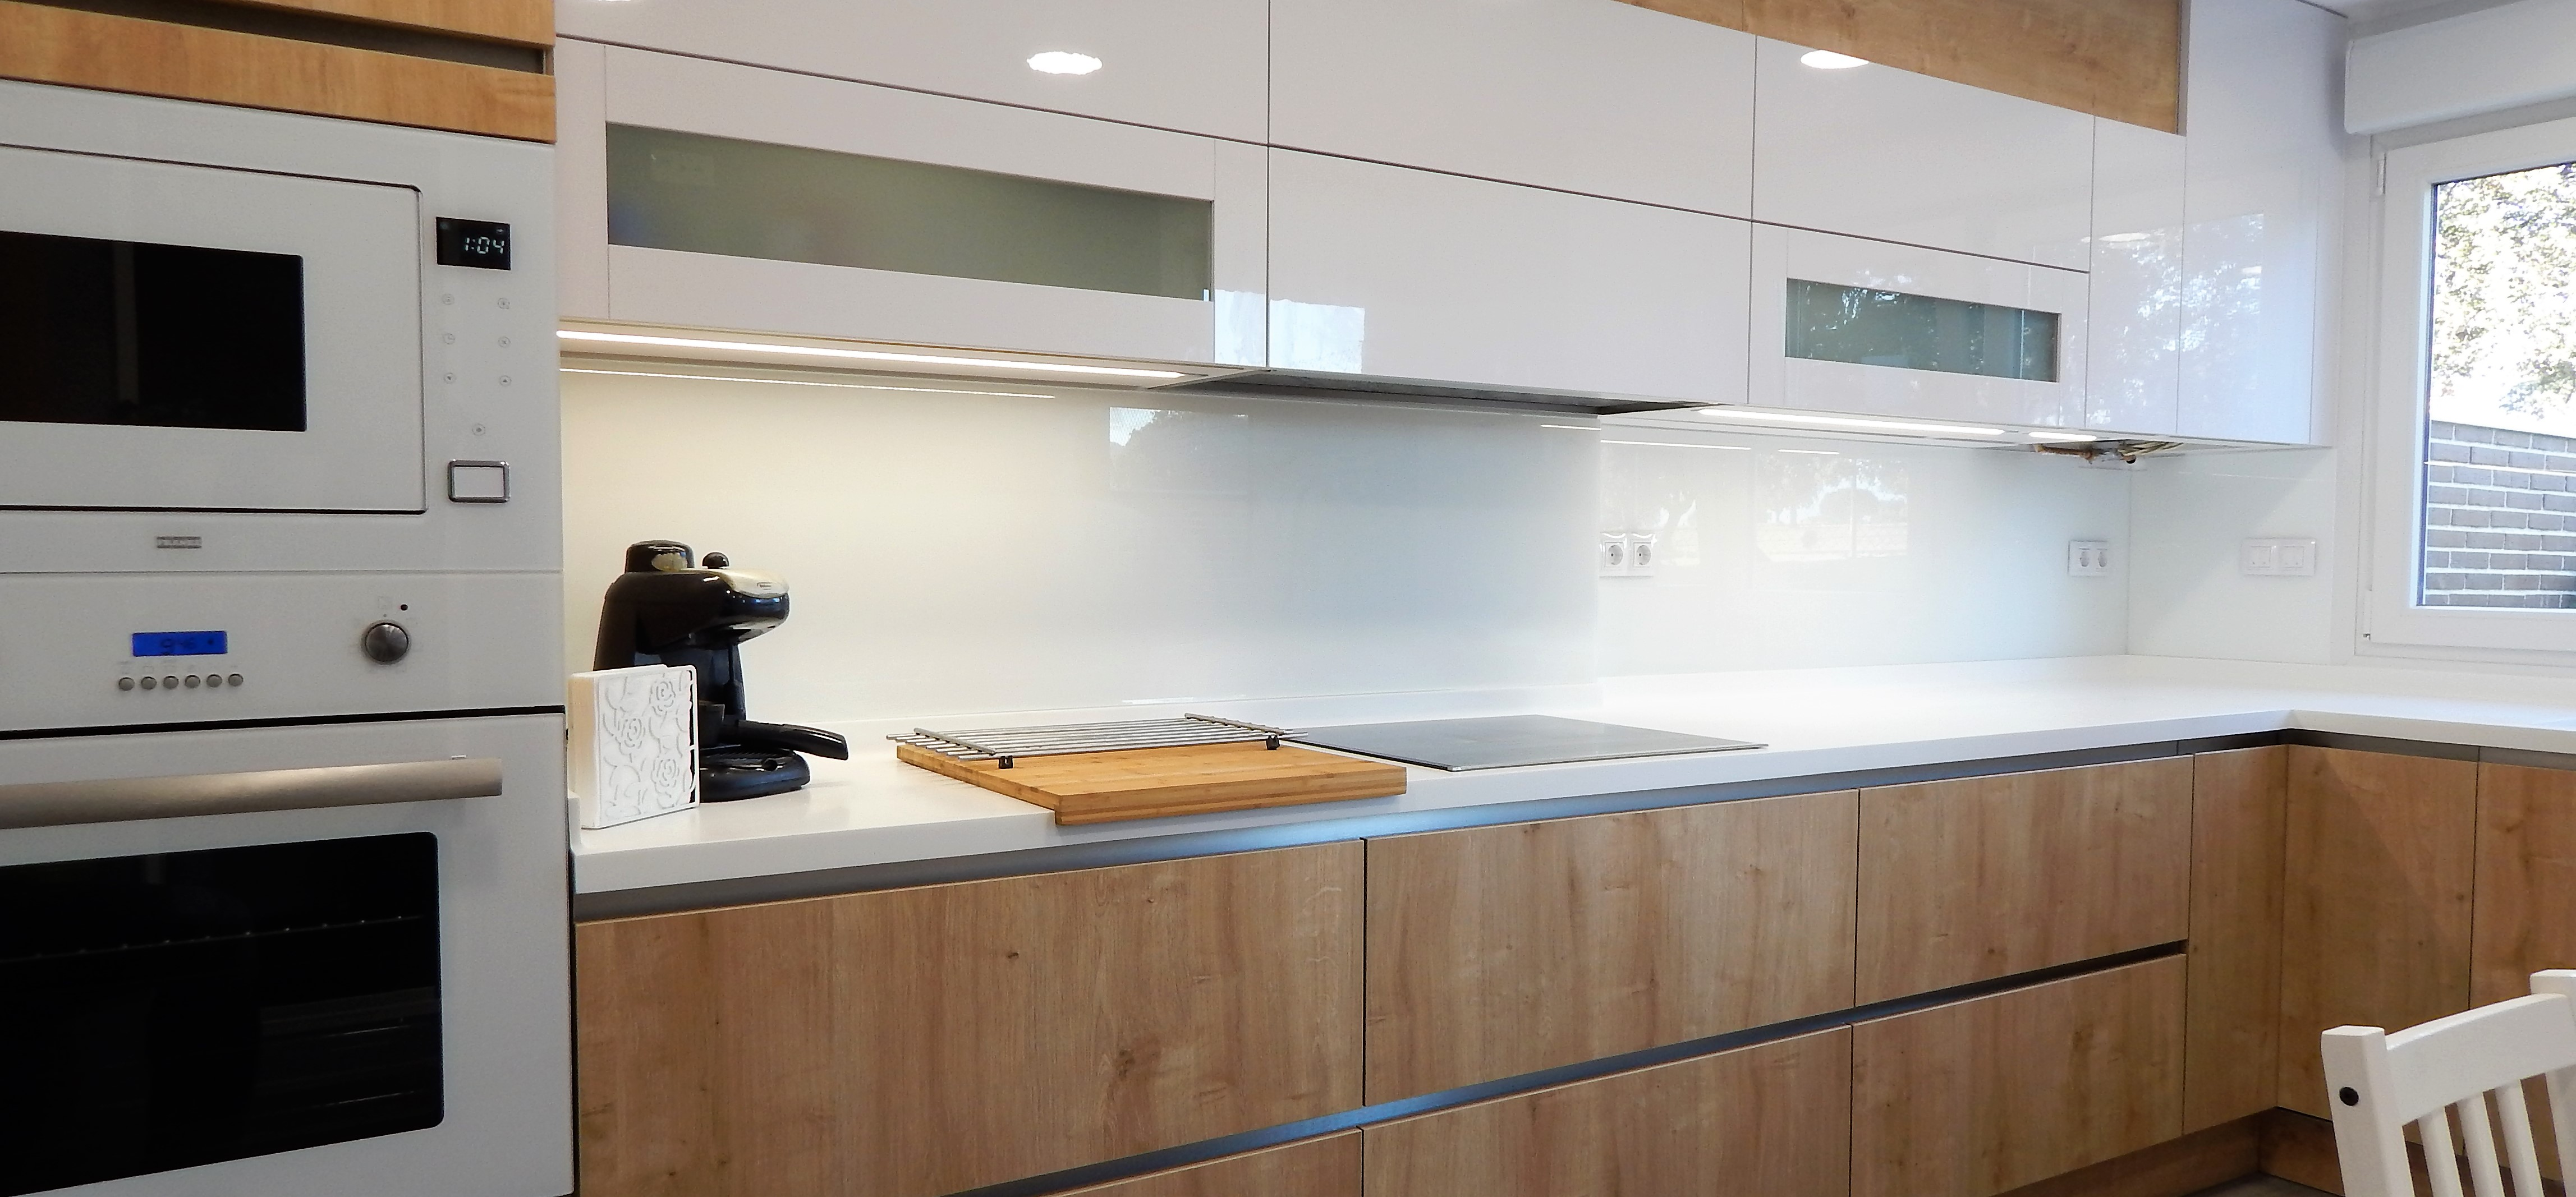 Muebles de cocina en madera de roble y blanco  cocinasalemanascom